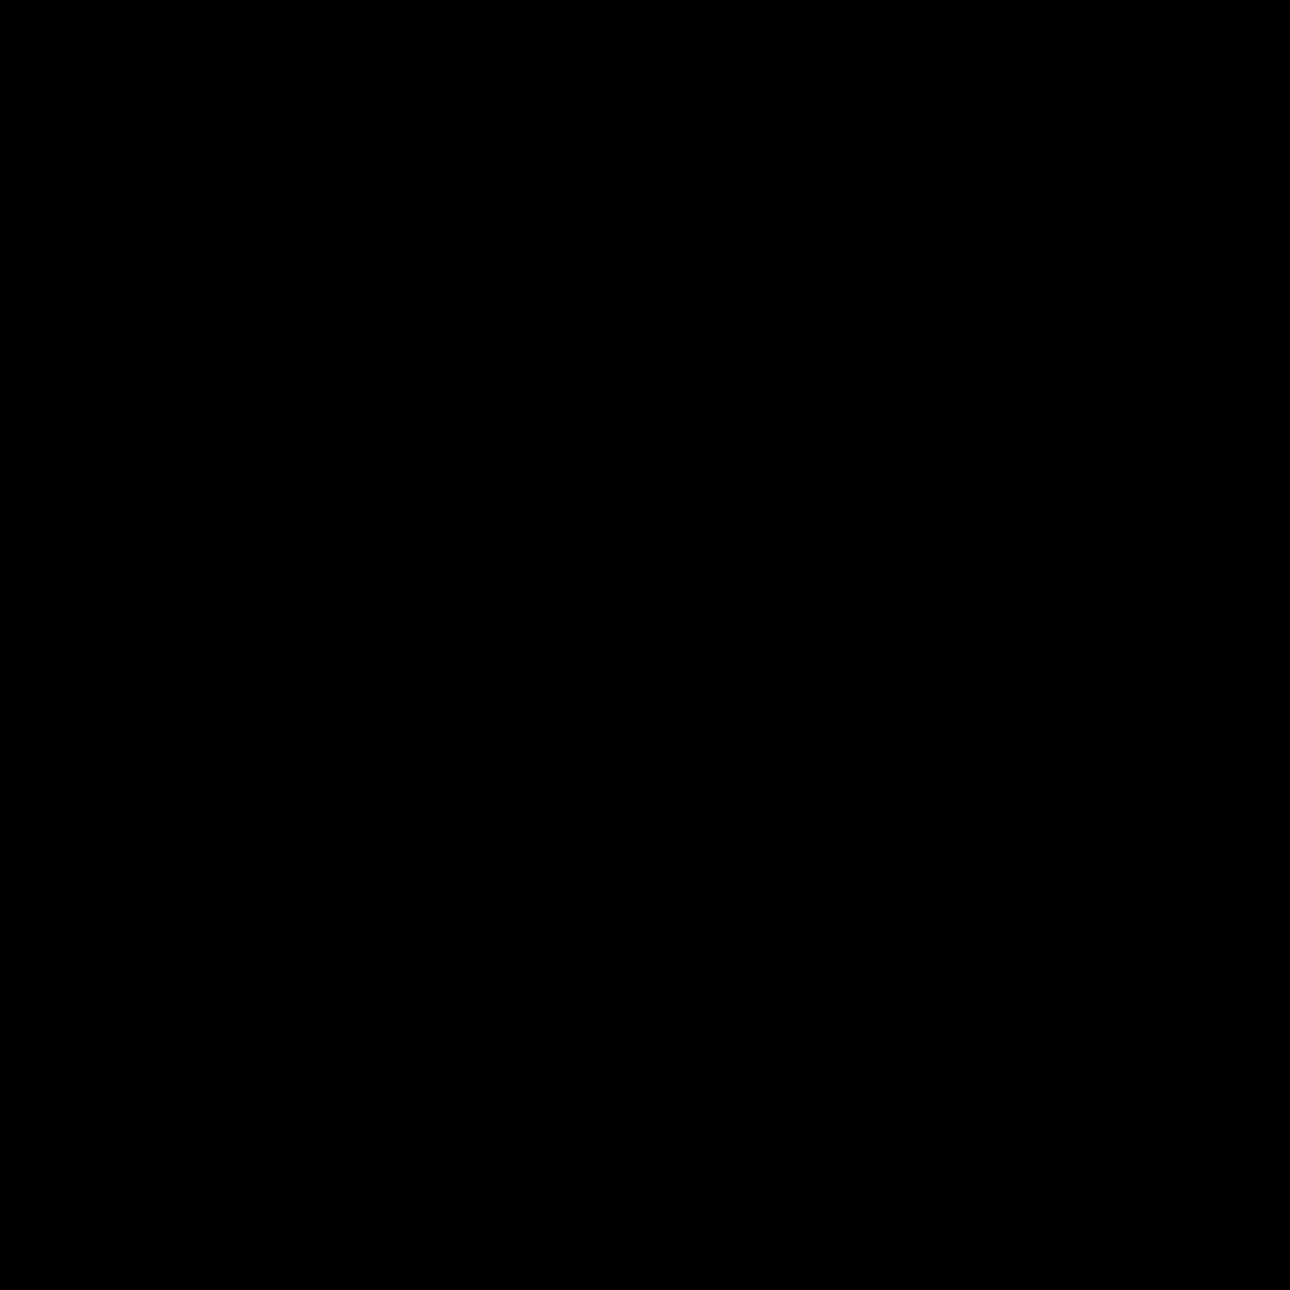 Cuissard pro light femme 2019 noir/blanc